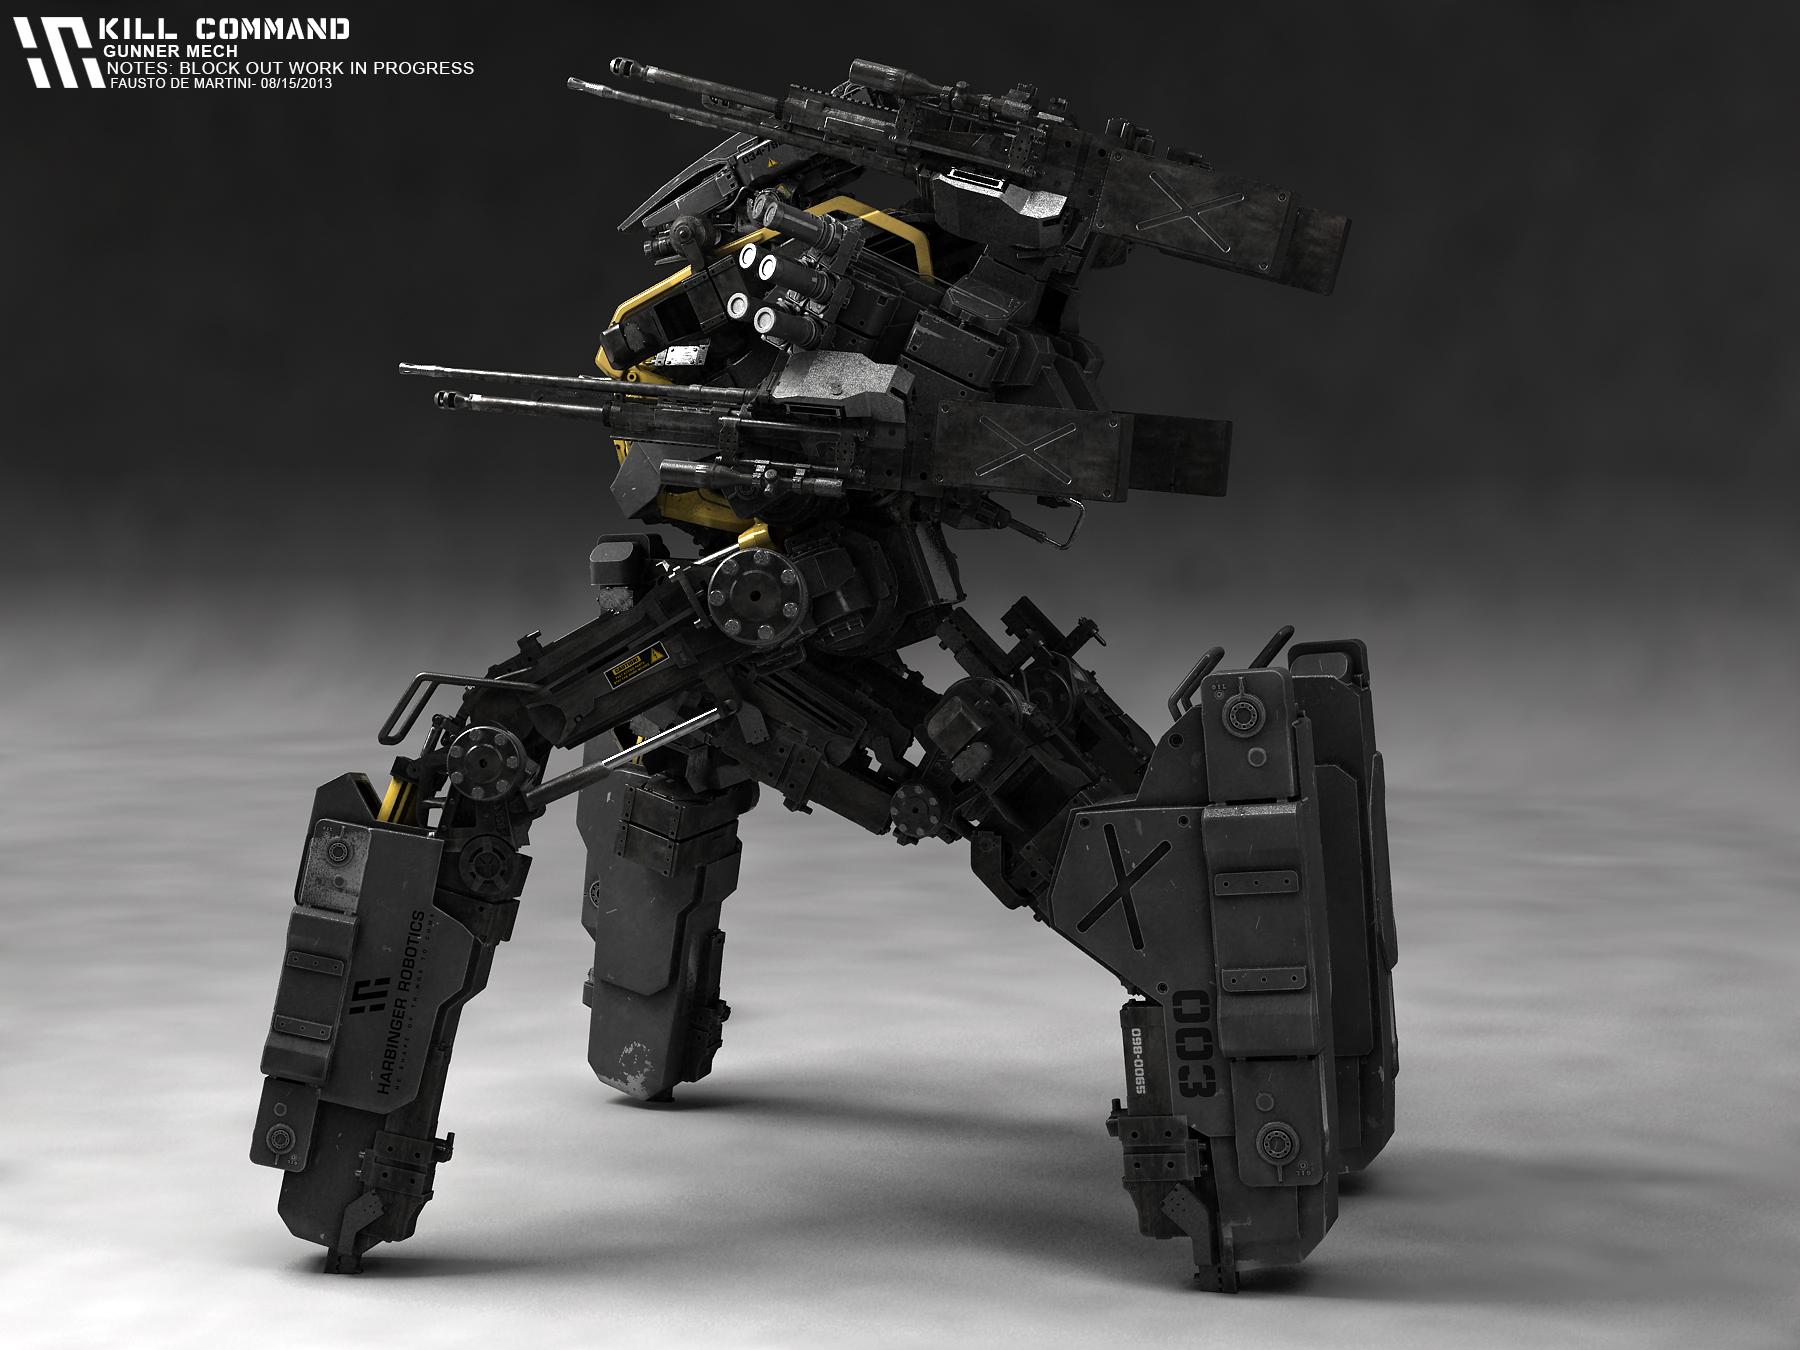 KILLCOMMAND_Gunner_081513_BlockoutC_FDM.jpg